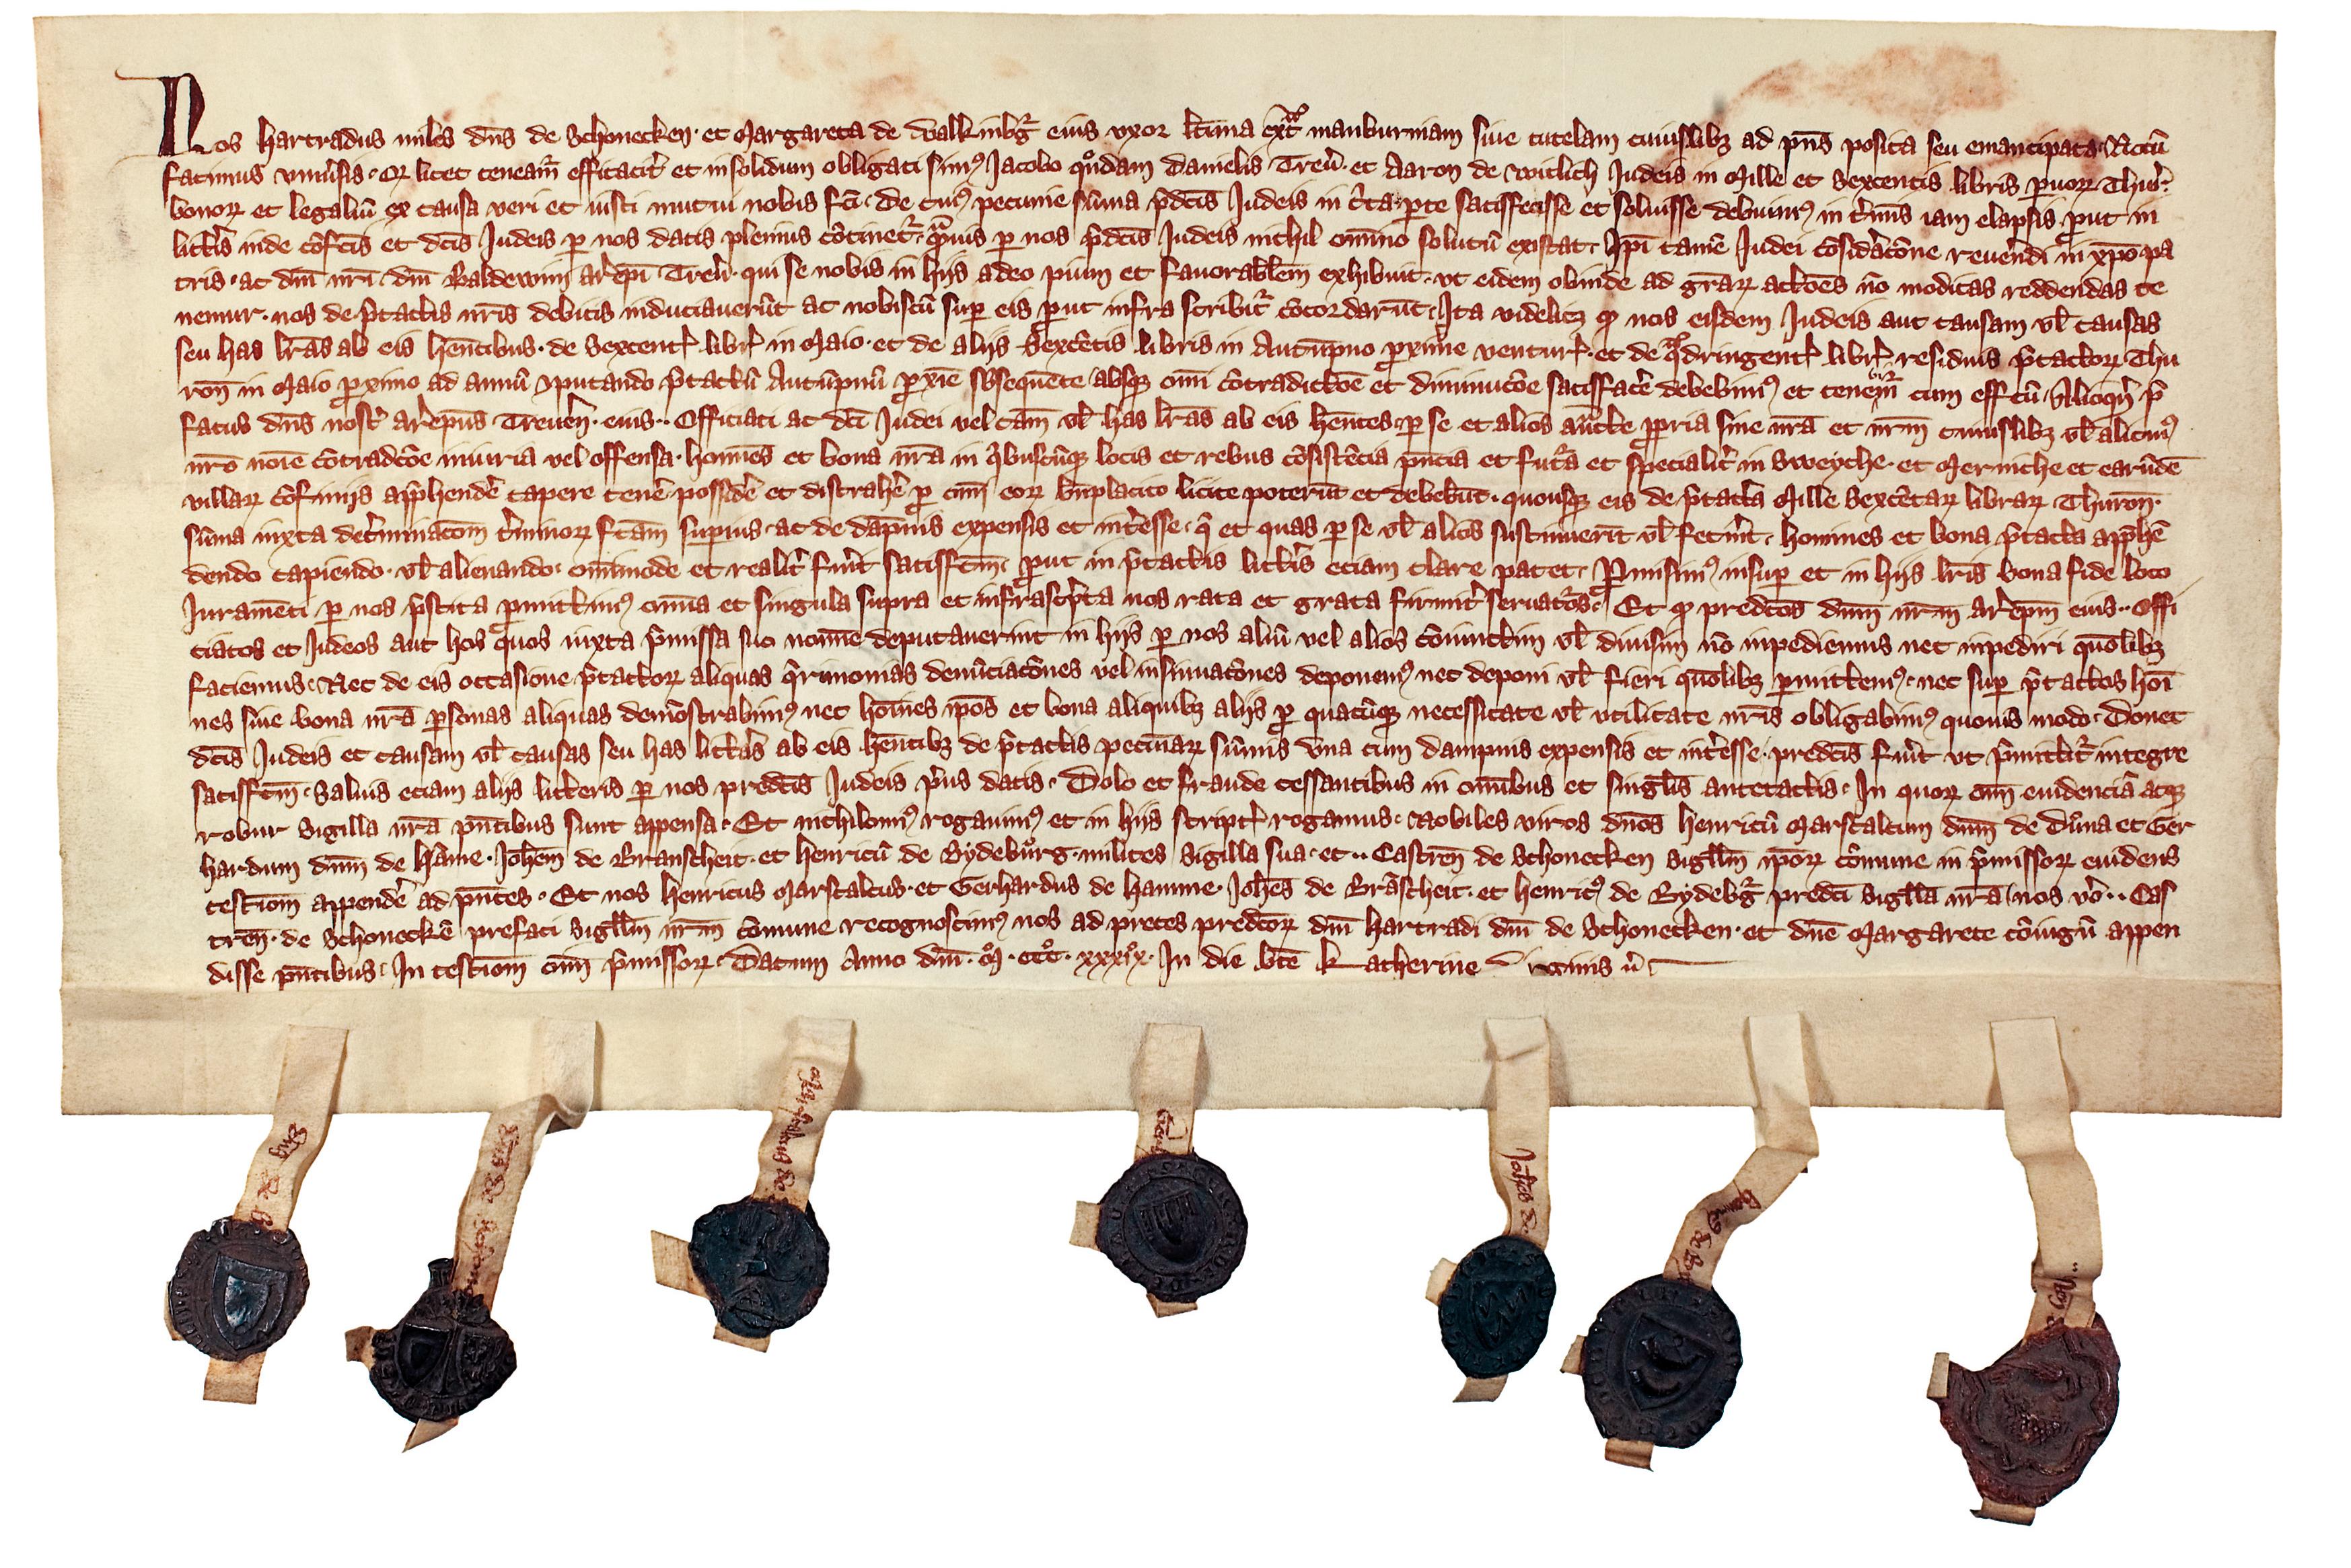 Urkunde vom 25. November 1339, Landeshauptarchiv Koblenz, Bestand 54, Nr. 285.